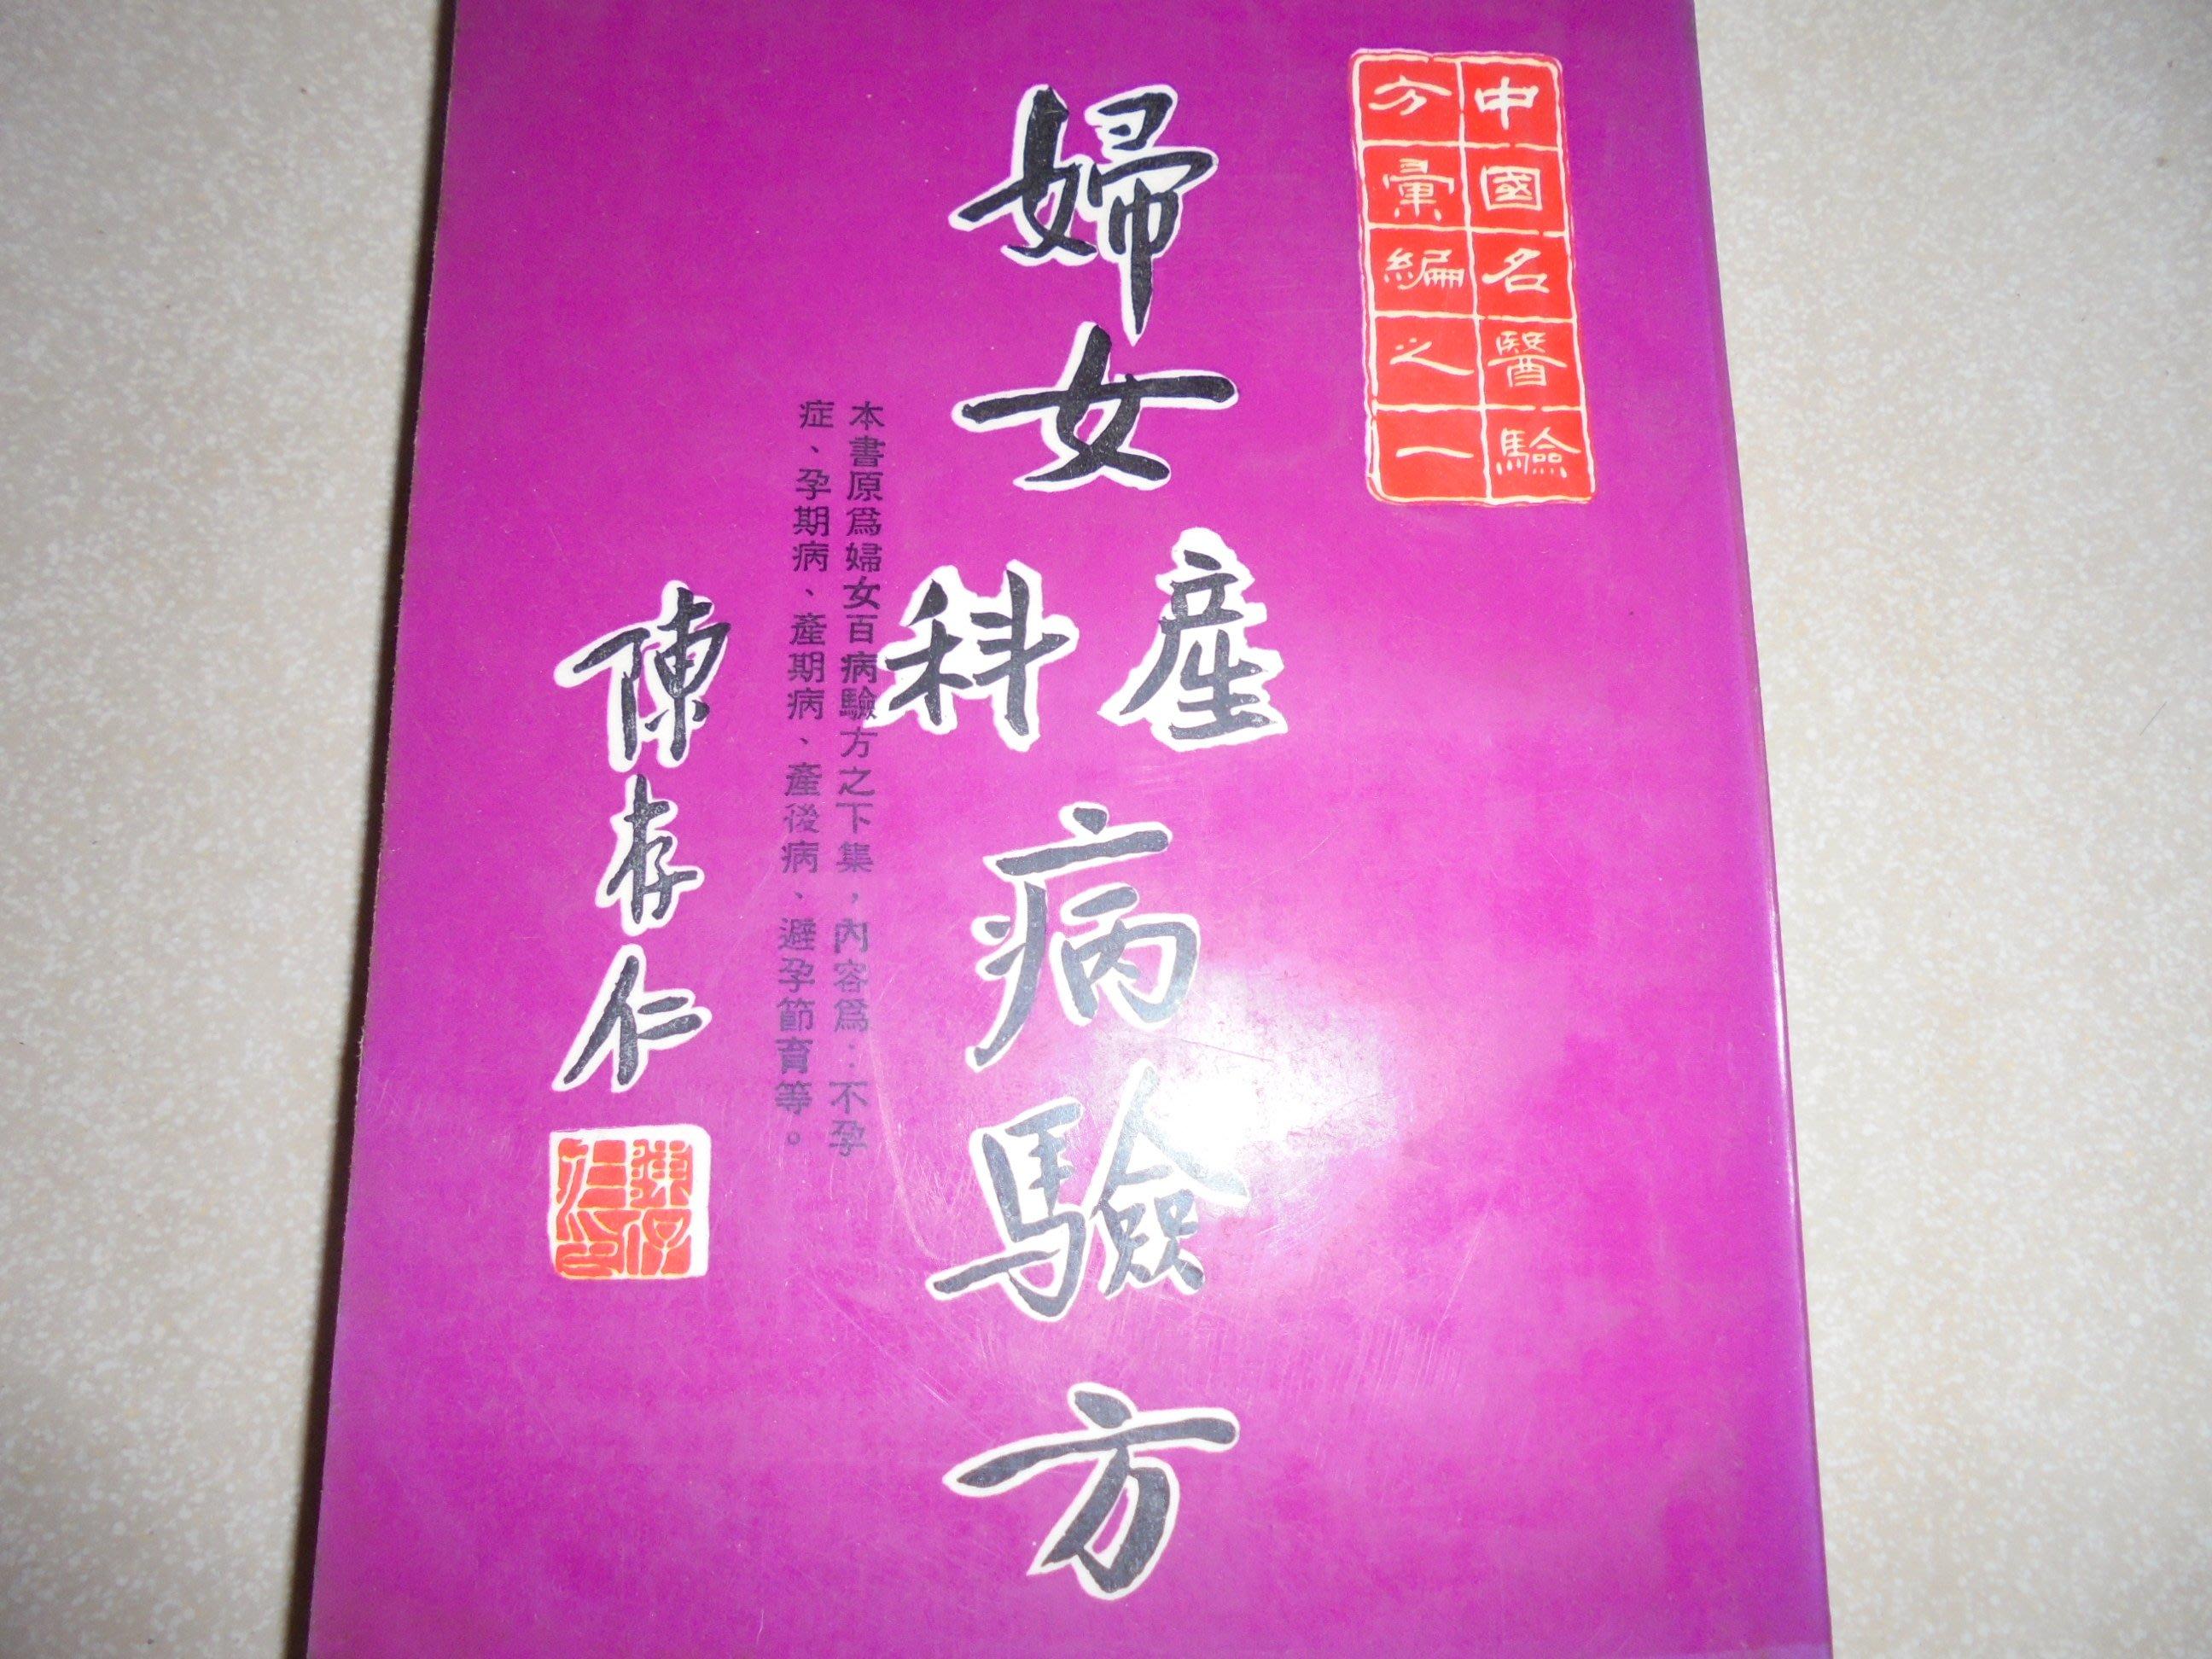 牛哥哥二手書***香港震旦圖書公司陳存仁~中國名醫驗方彙編《婦女病產科驗方》共1本